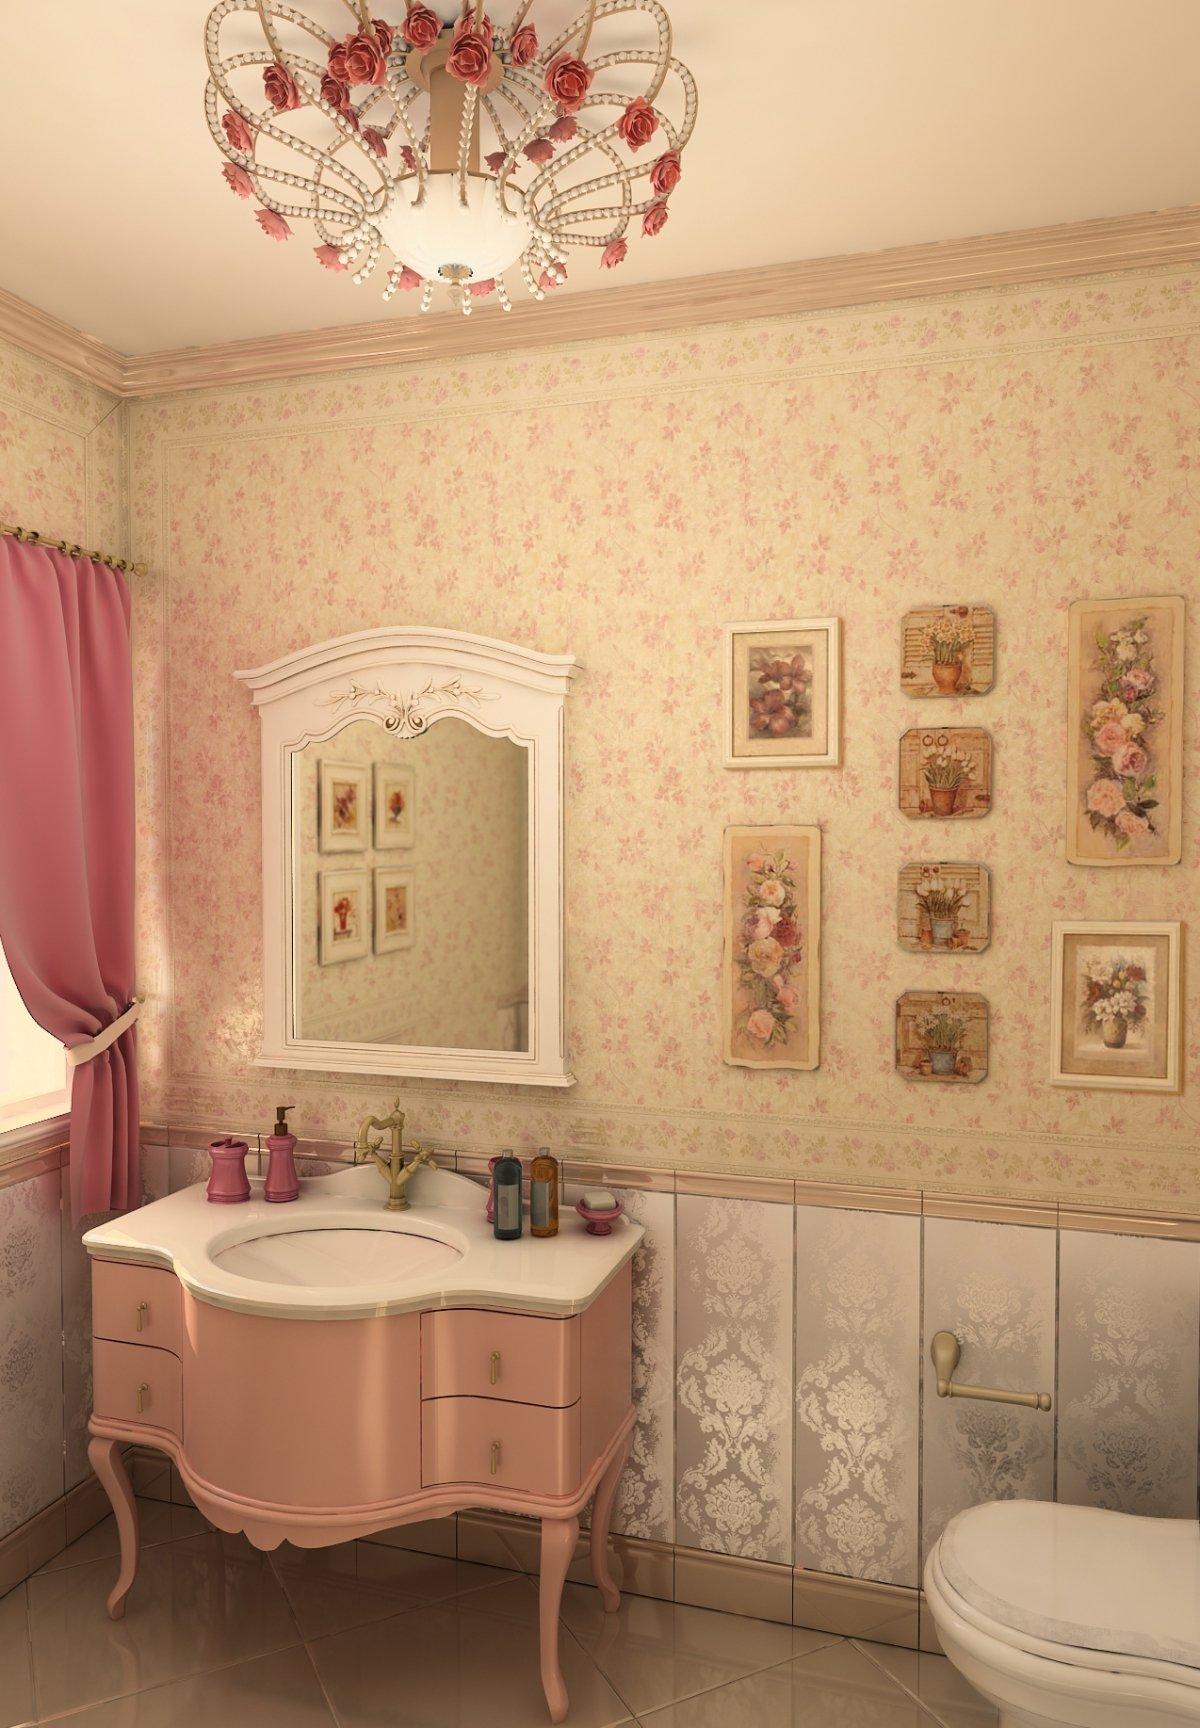 Casa-Rialto-Amenajare-Interioara-In-Stil-Clasic-18